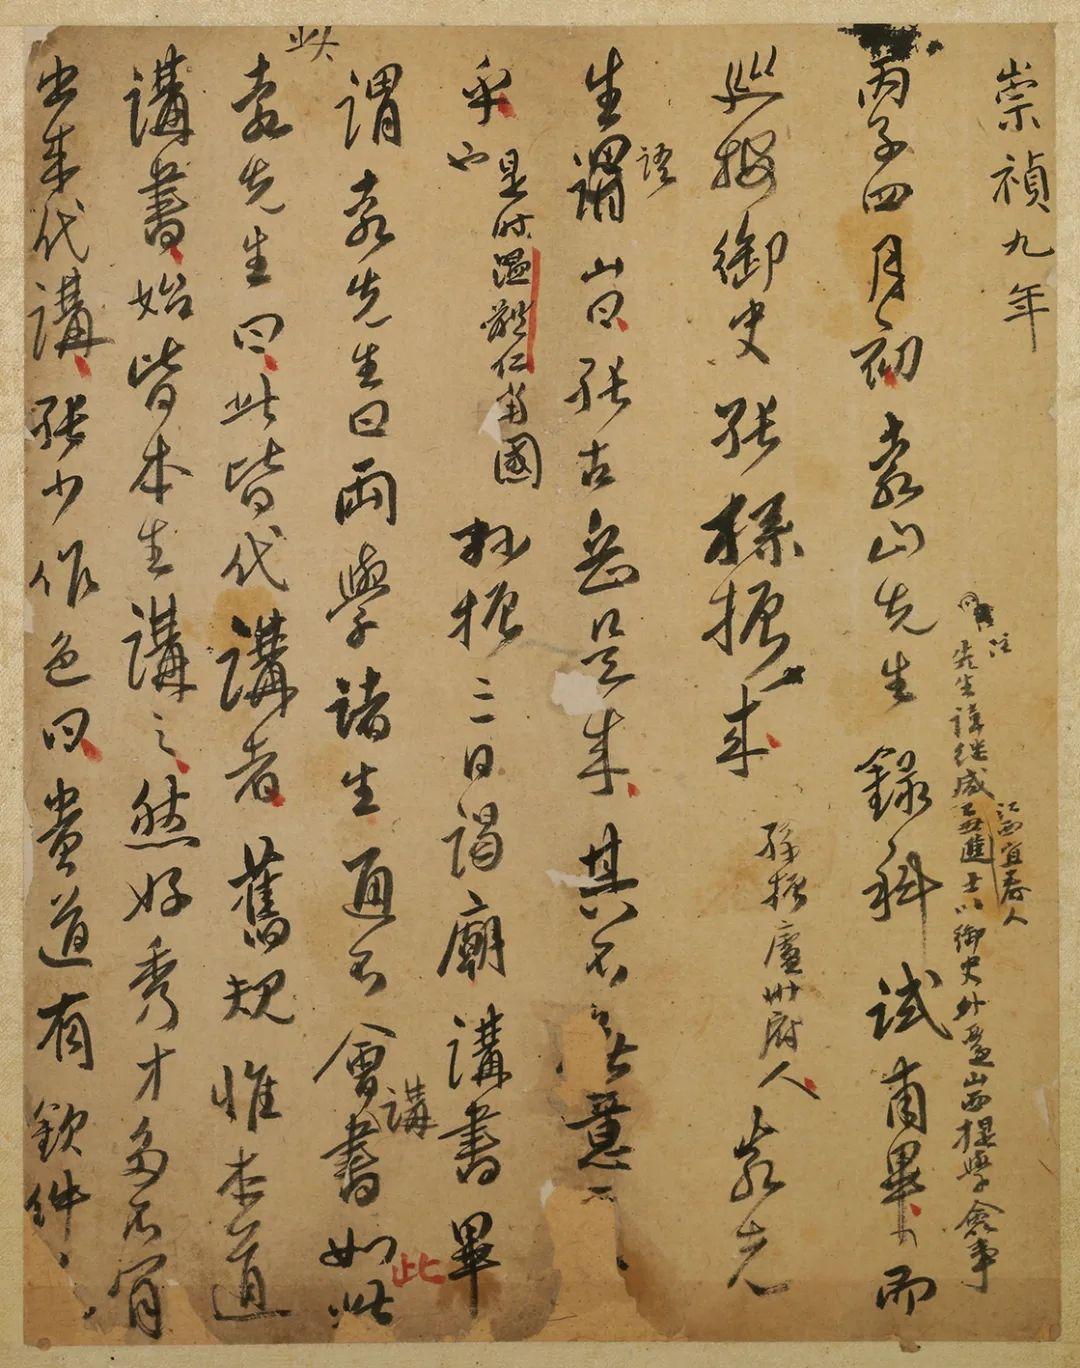 王兰:傅山的生平、学术与书法